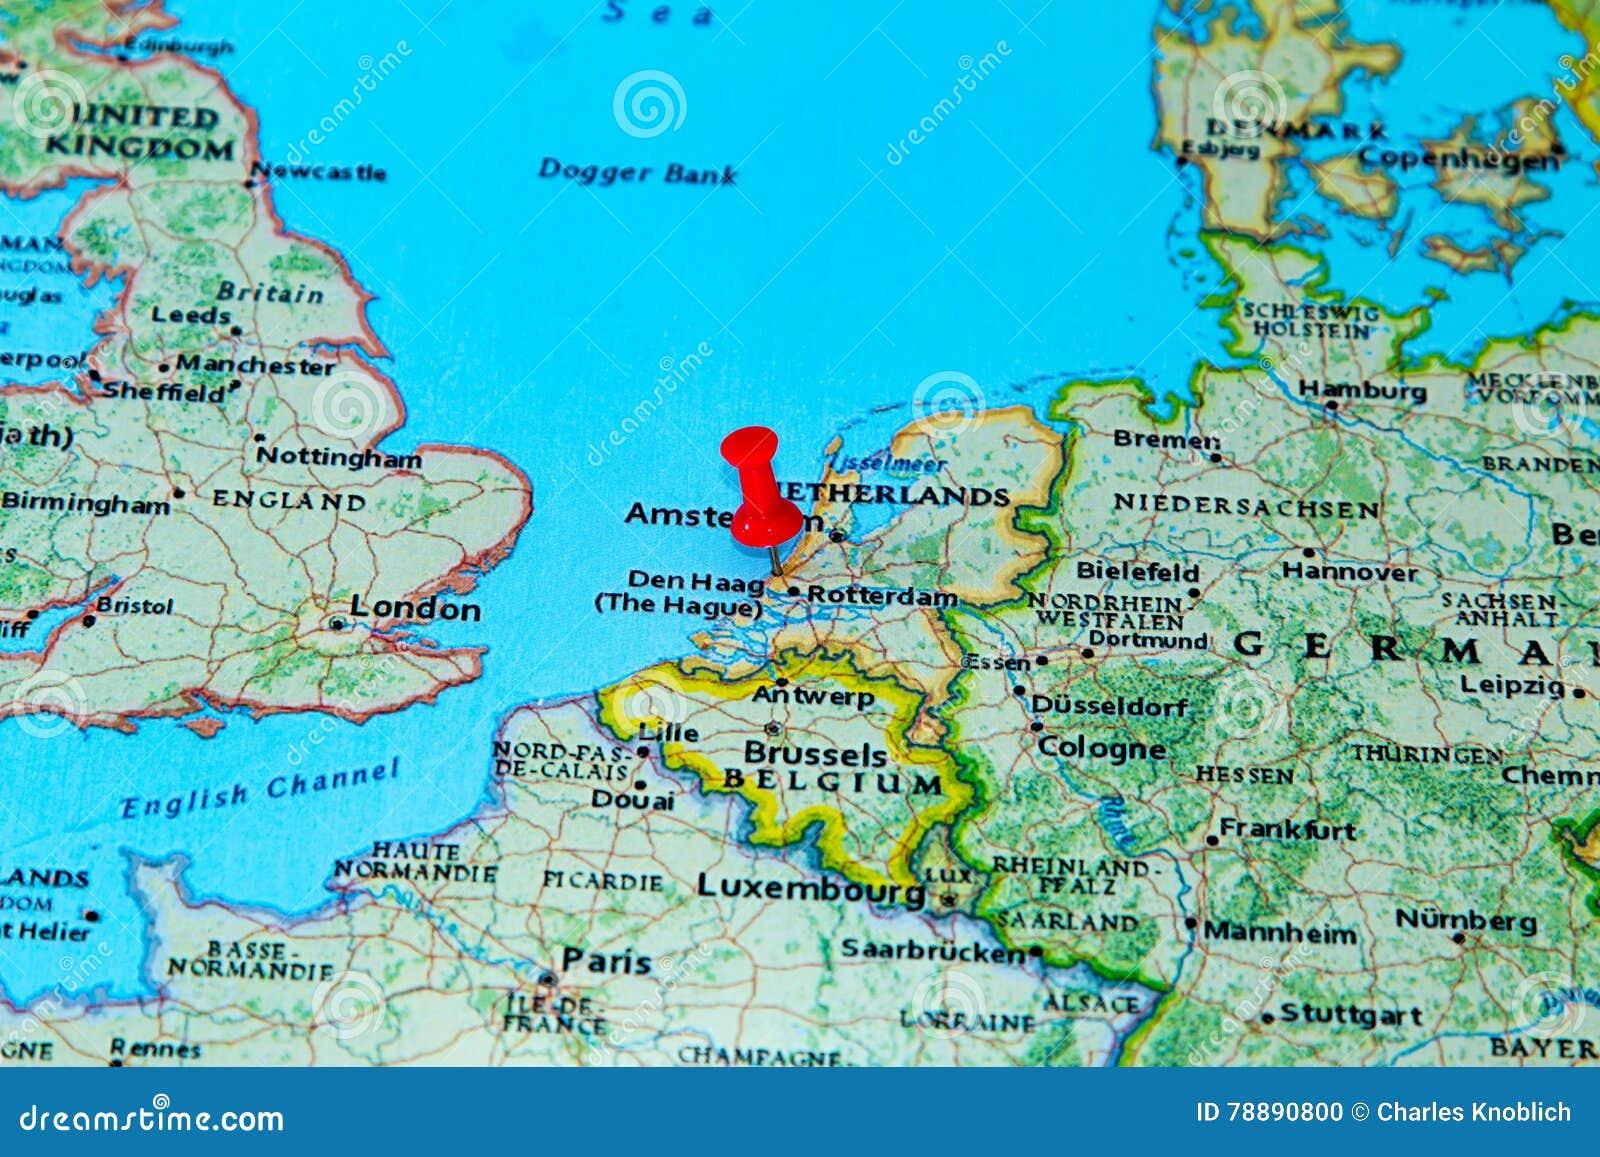 Den Haag Nederland Op Een Kaart Van Europa Wordt Gespeld Dat